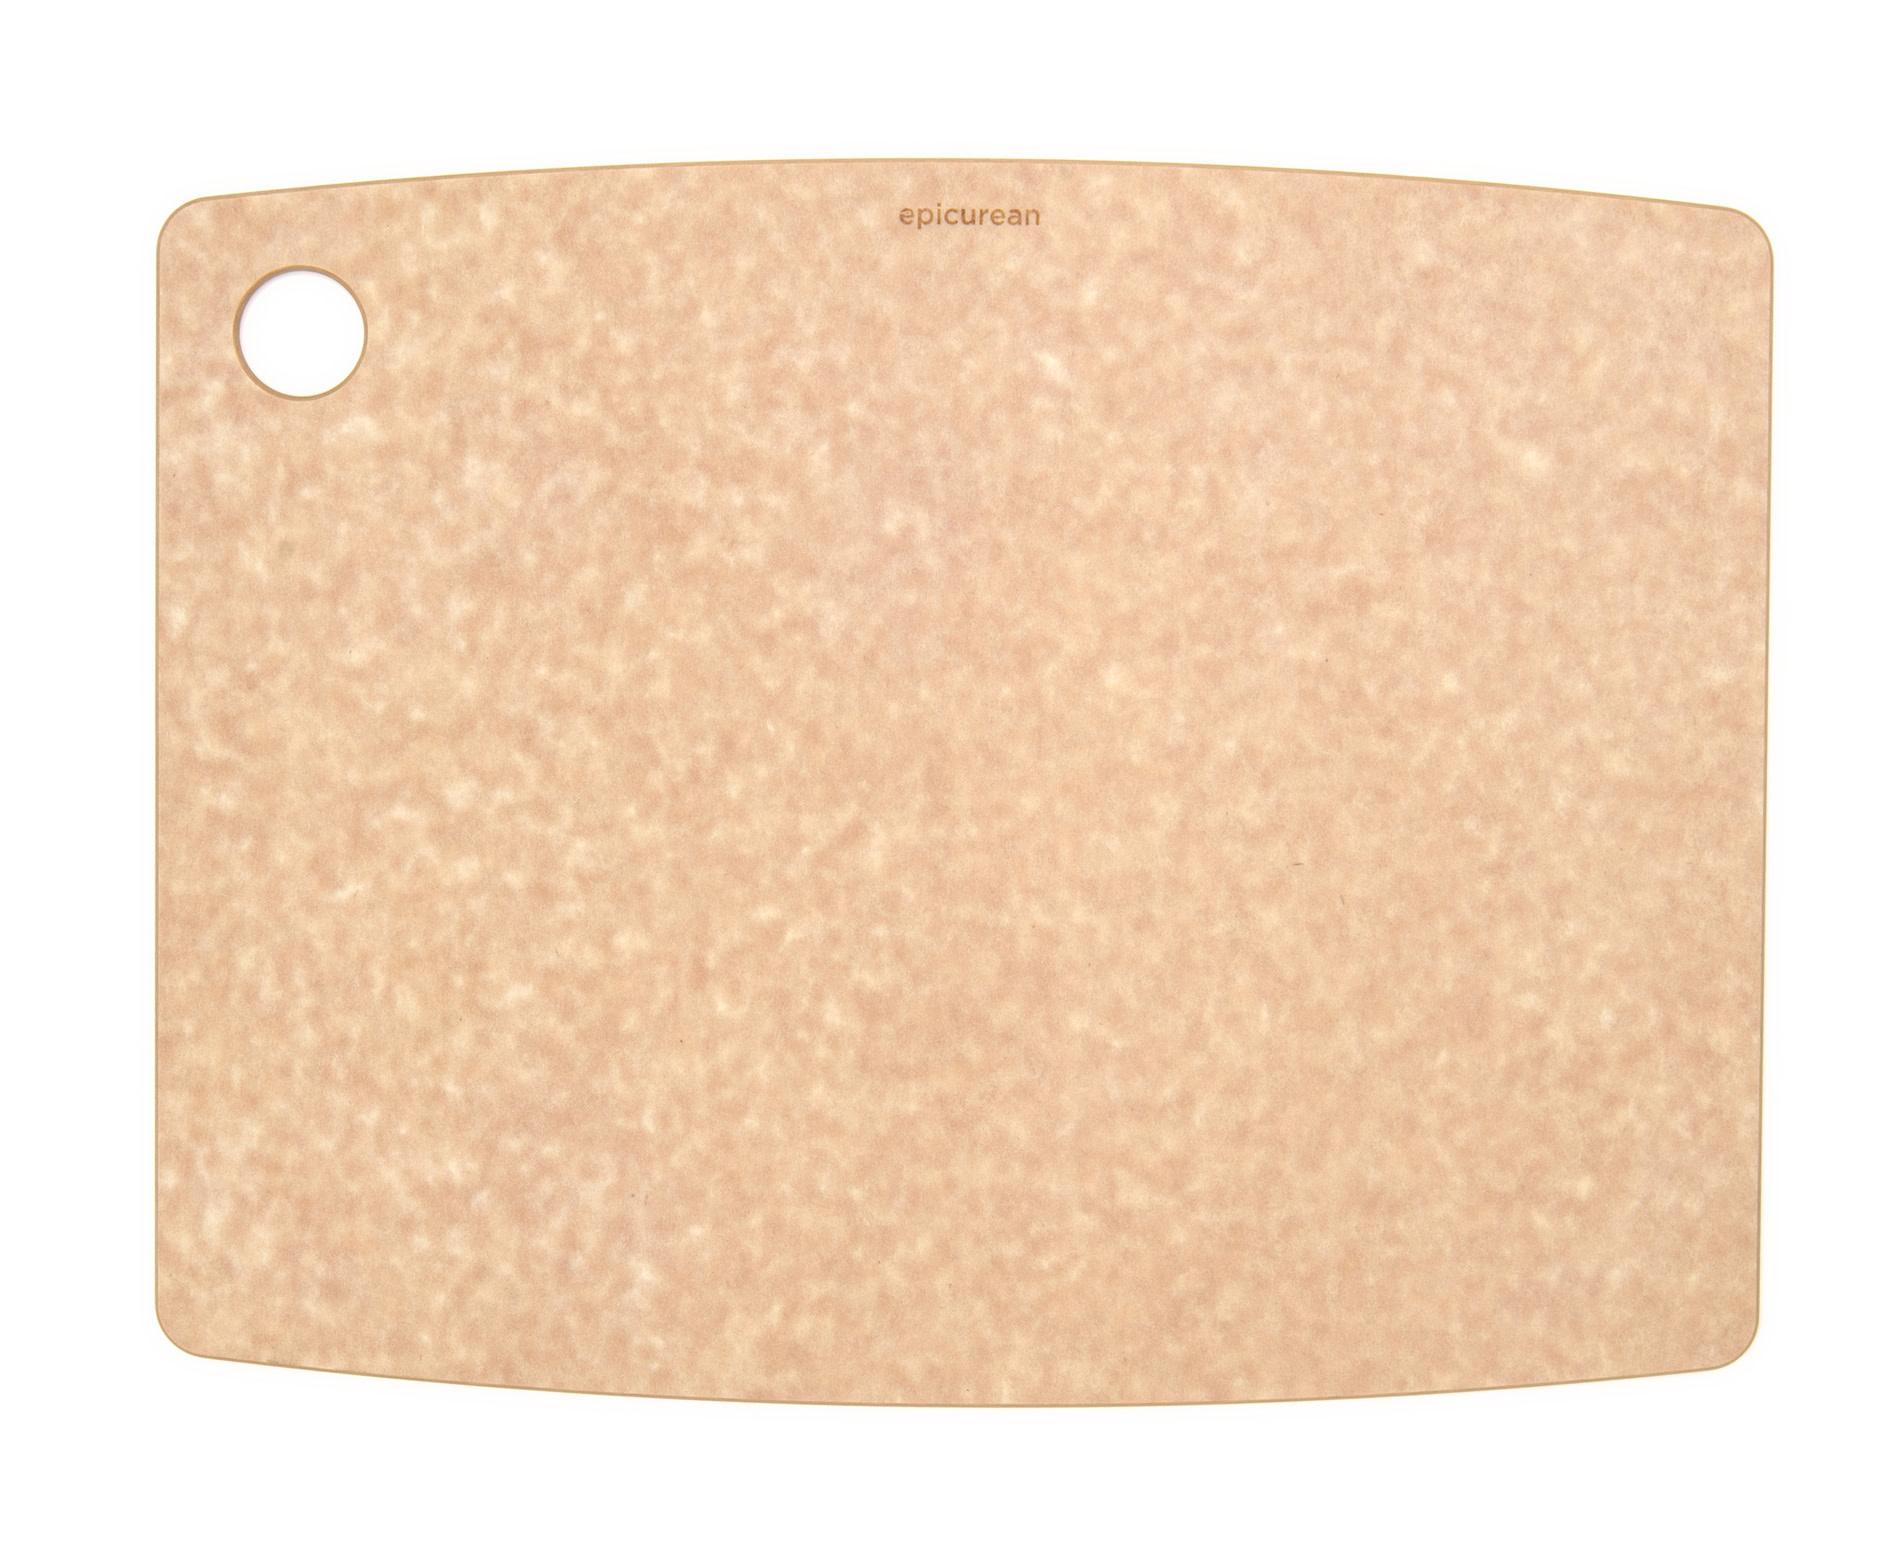 Epicurean Cutting Board 14.5x11.25 Natural